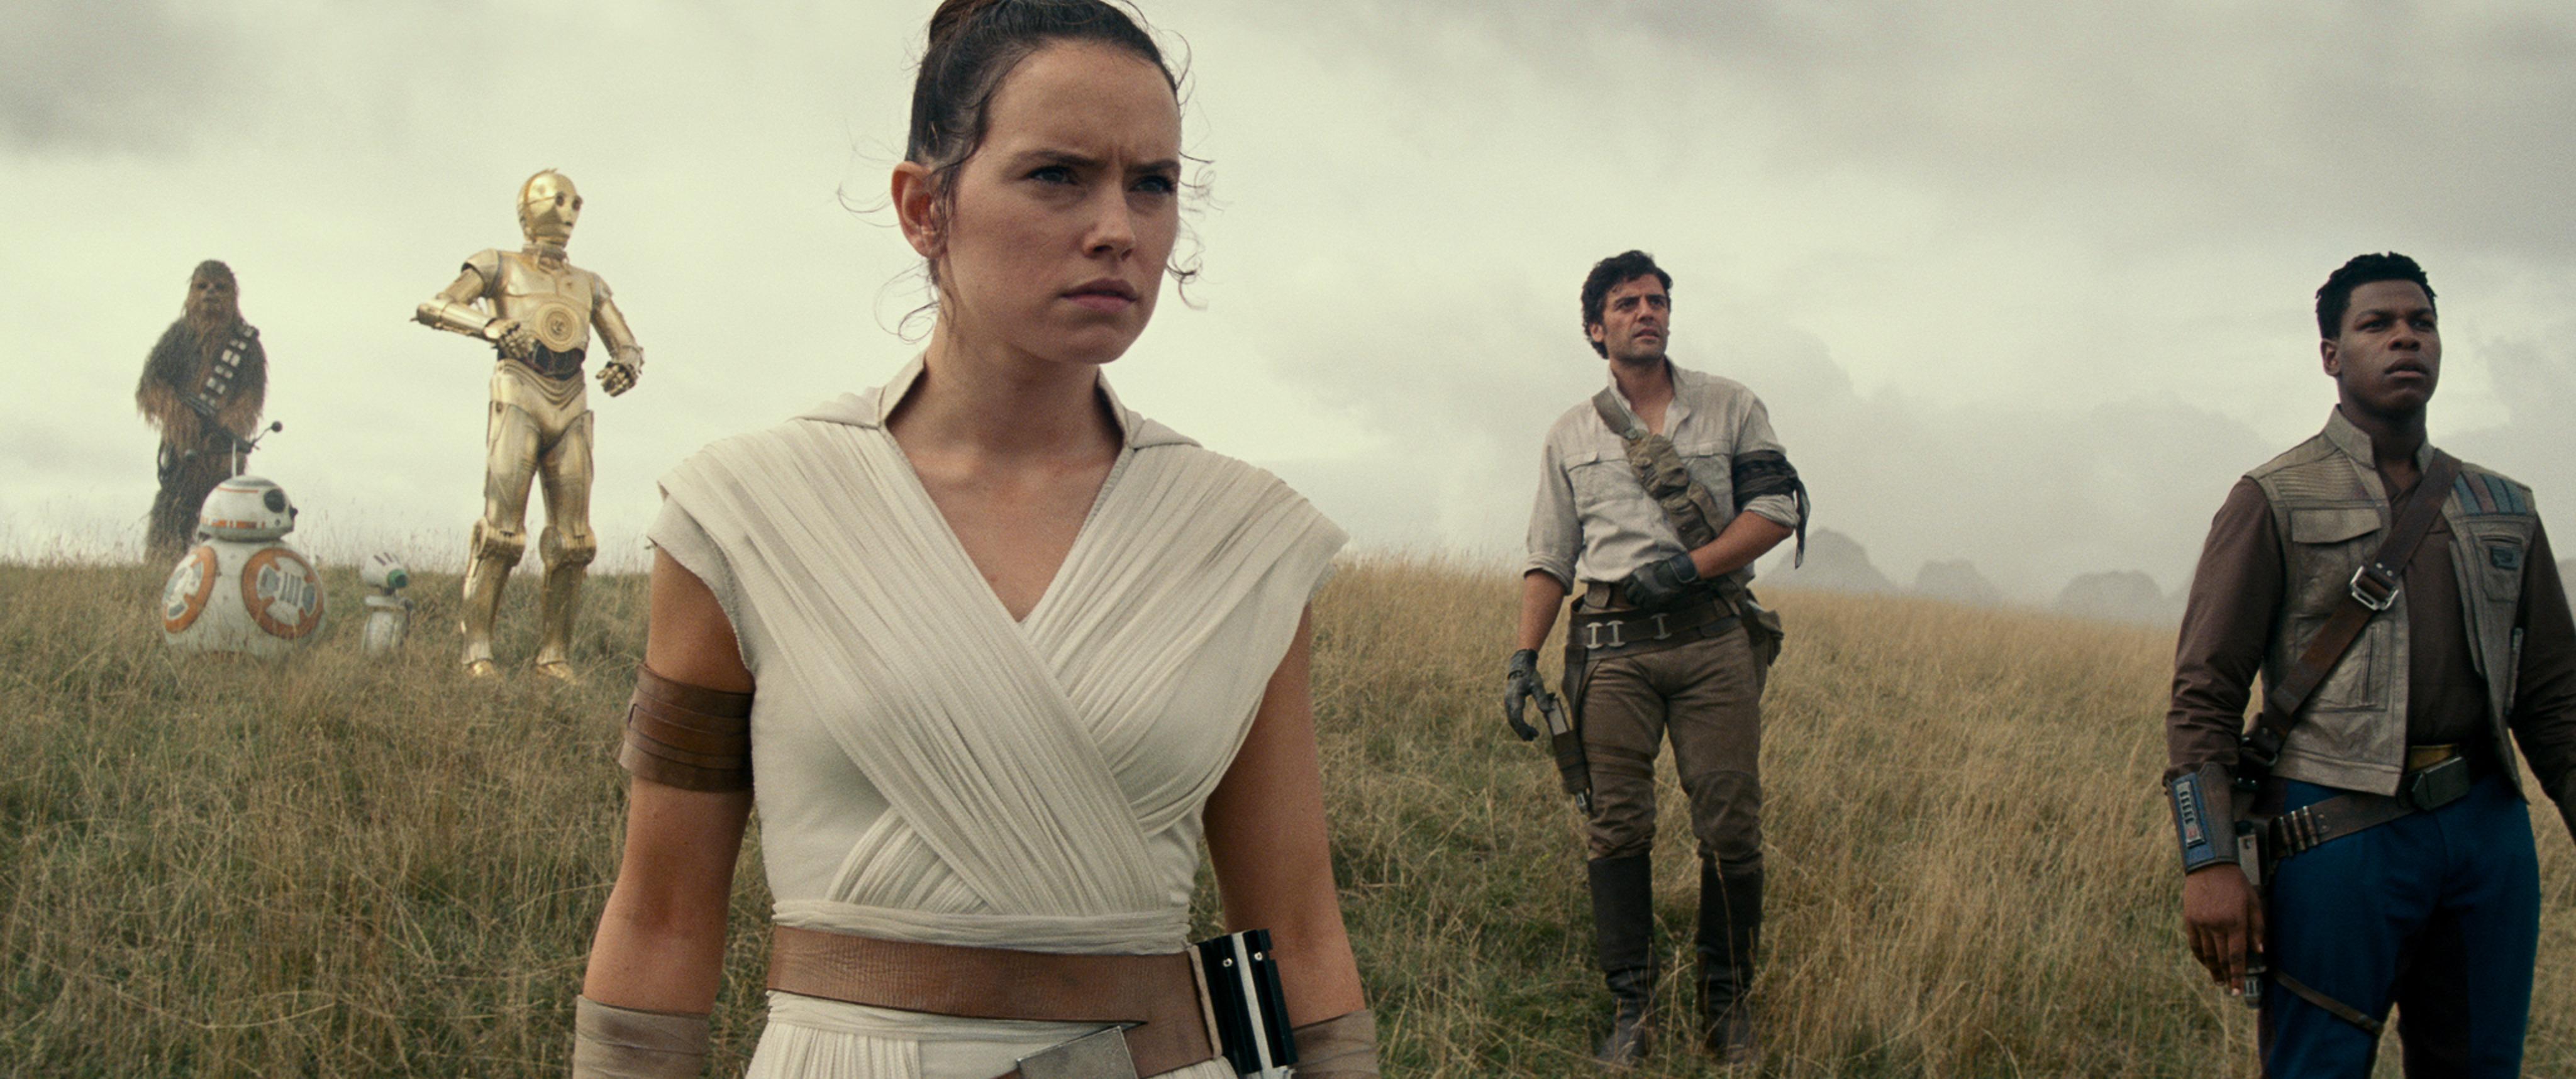 El grupo de protagonistas comparte más tiempo juntos en la última entrega de Star Wars.